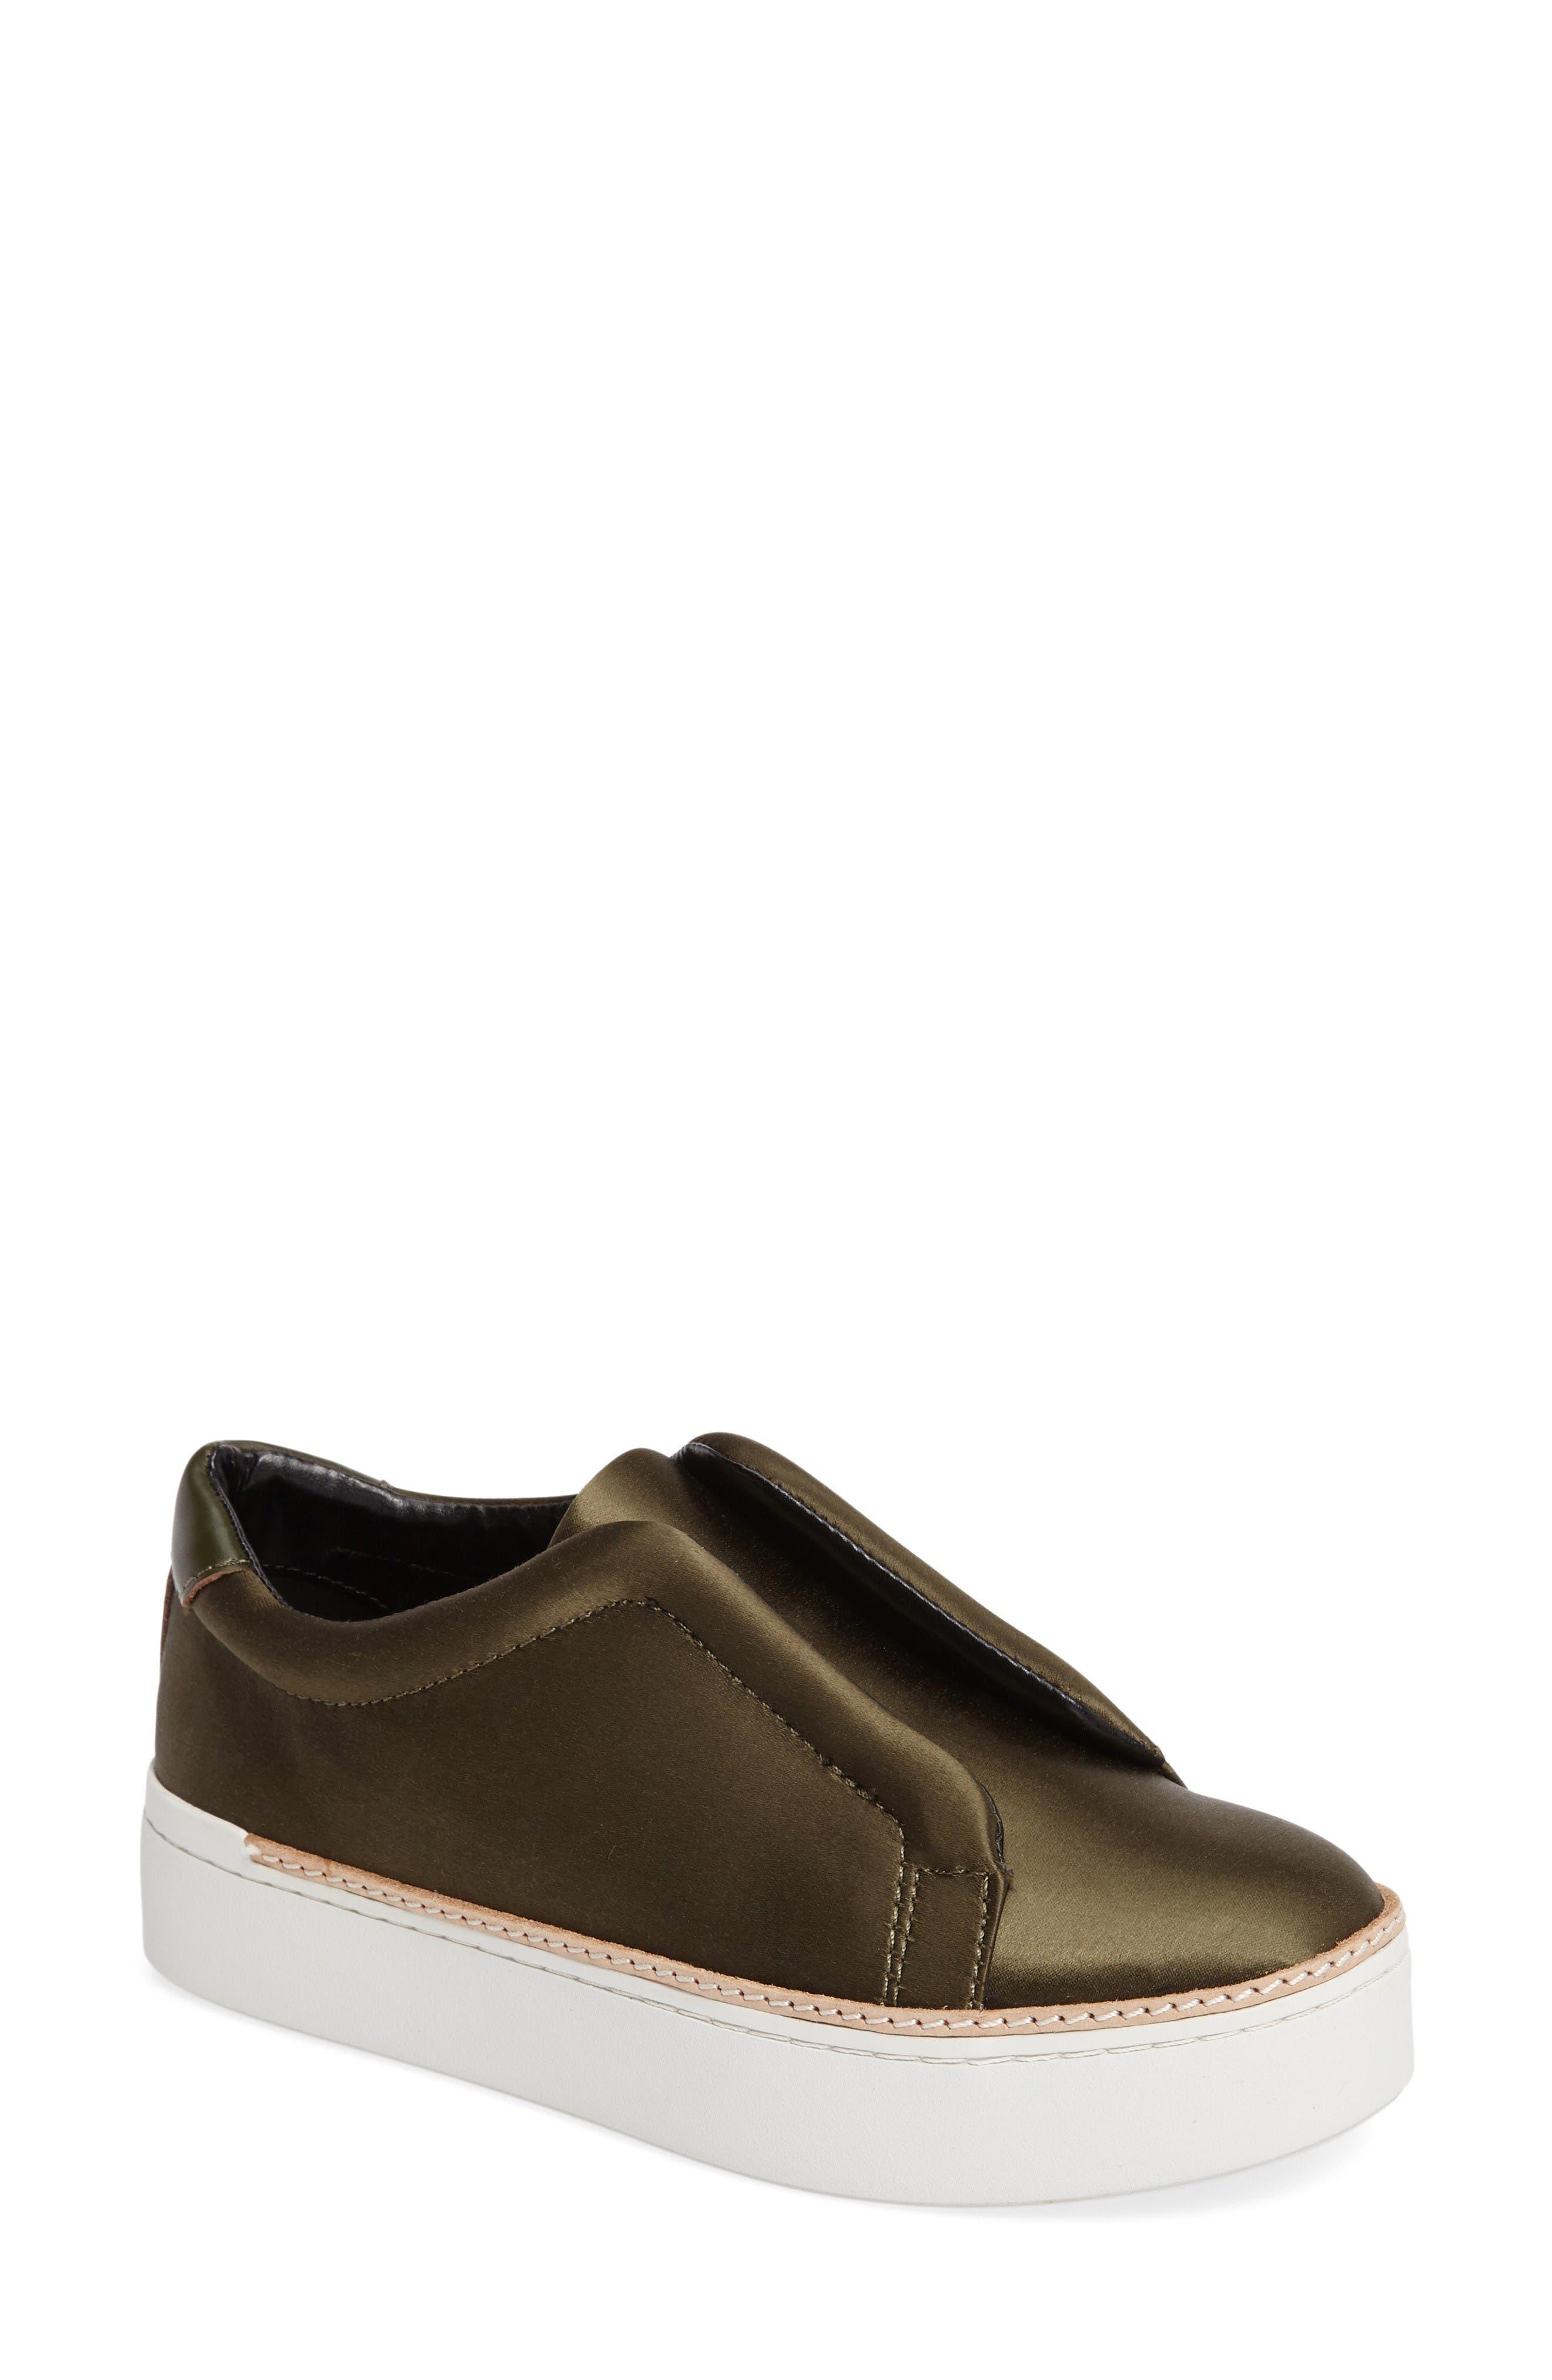 Main Image - M4D3 Super Slip-On Sneaker (Women)